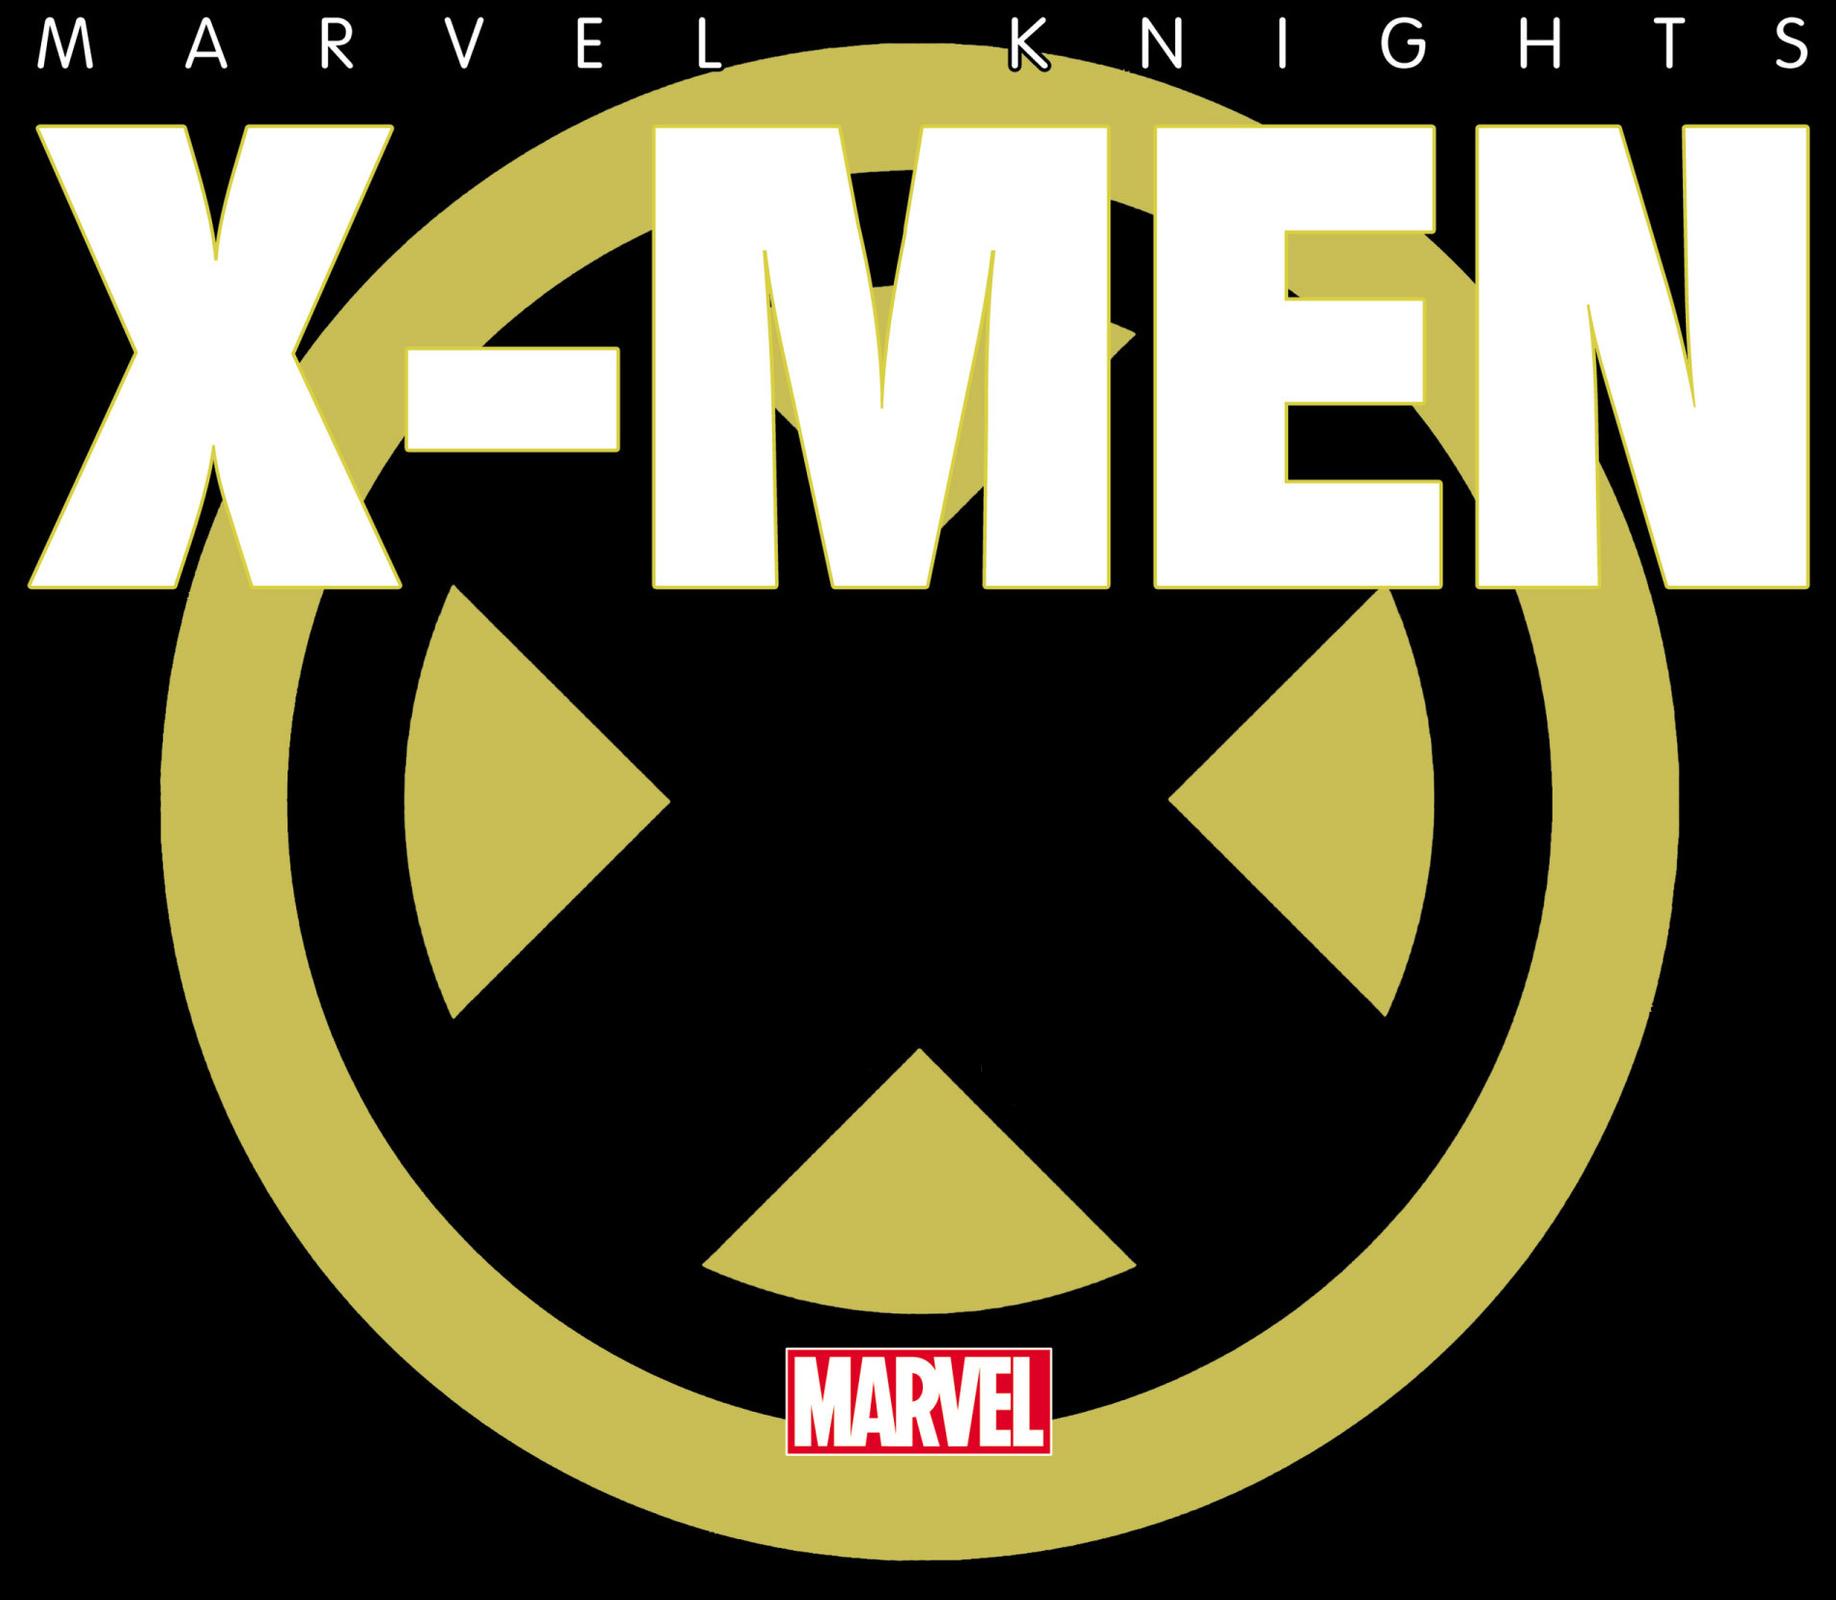 Marvel Knights: X-Men Vol 1